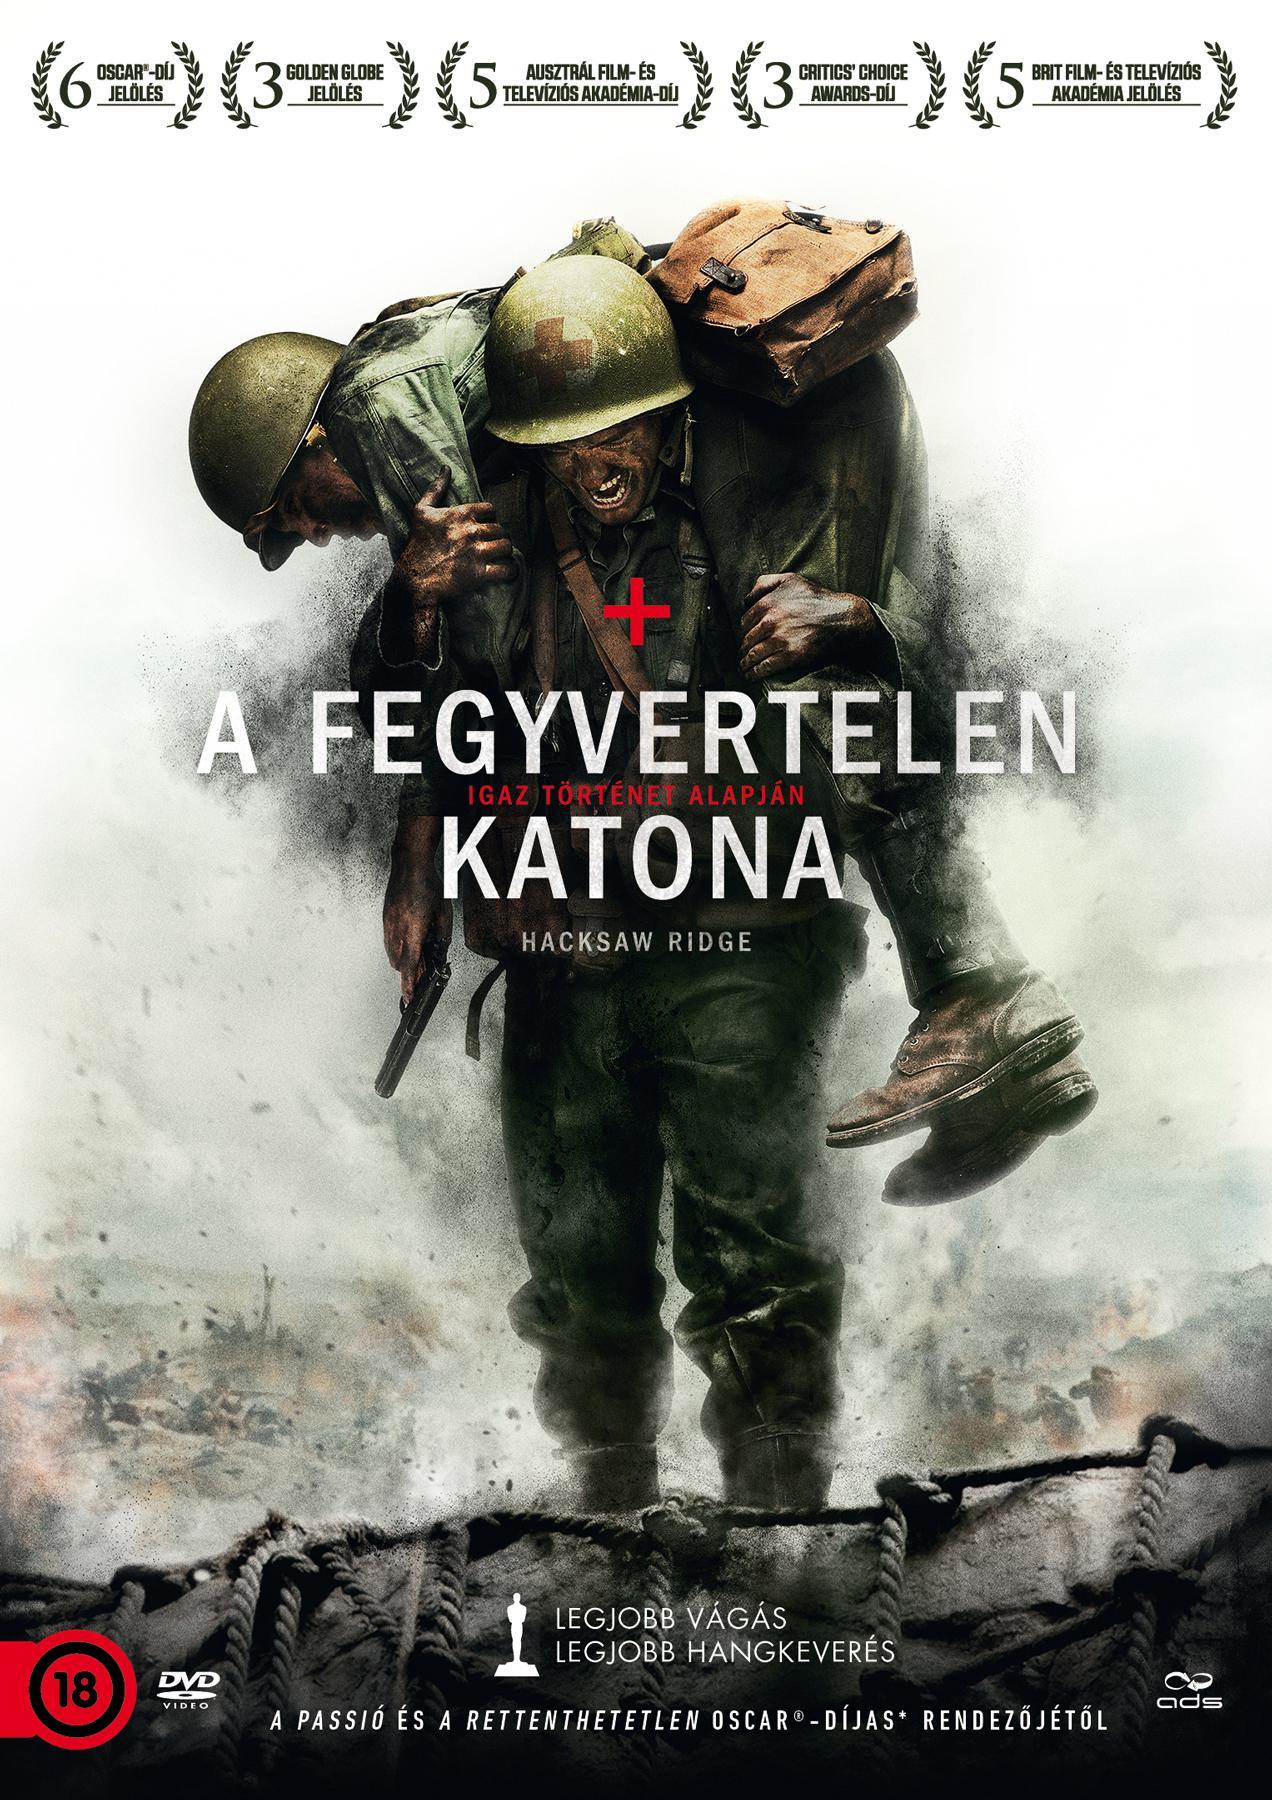 - A FEGYVERTELEN KATONA - DVD -